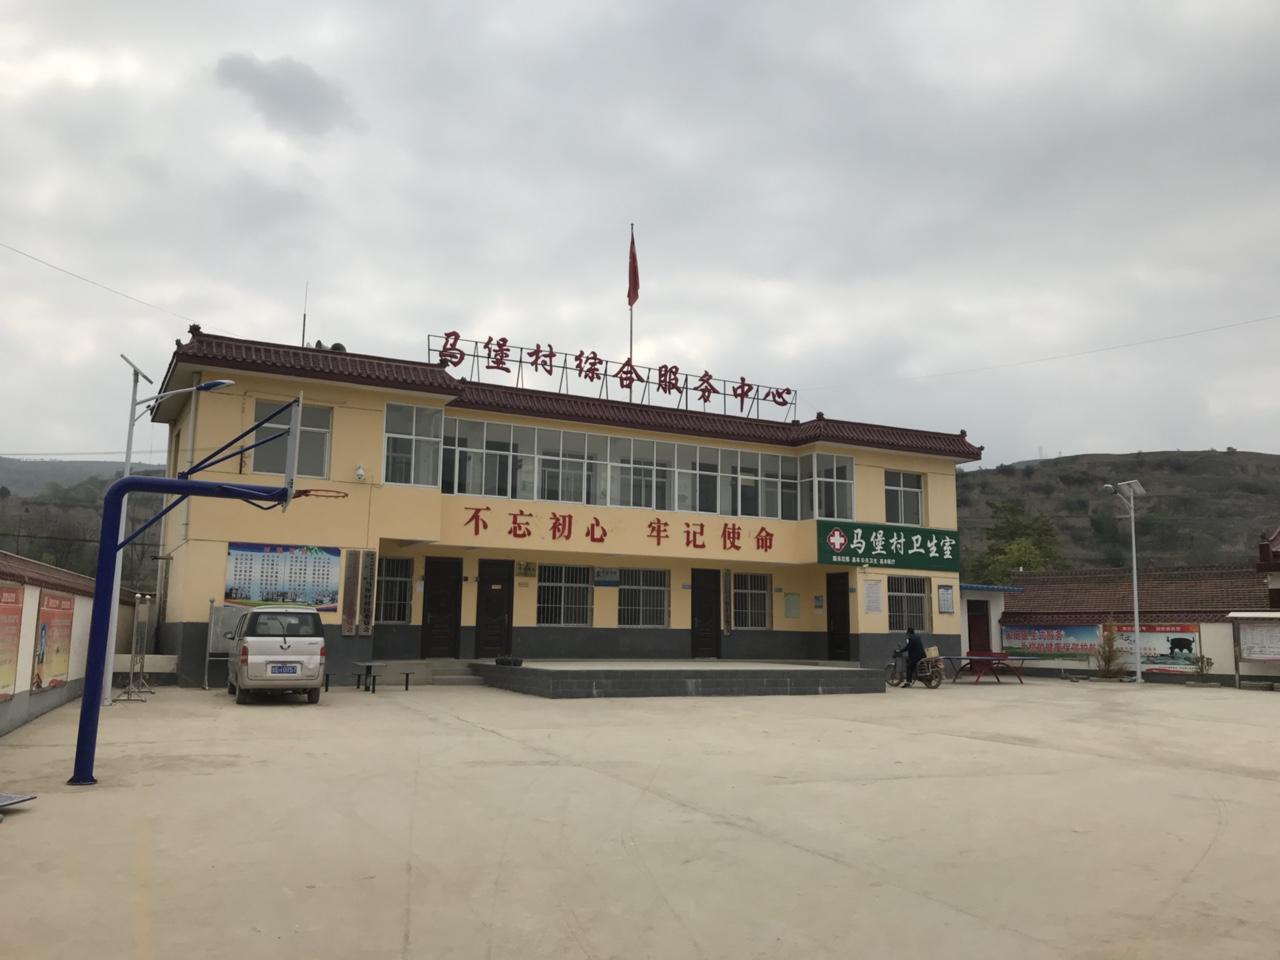 【文化惠民】马关镇马堡村综合文化服务中心风采